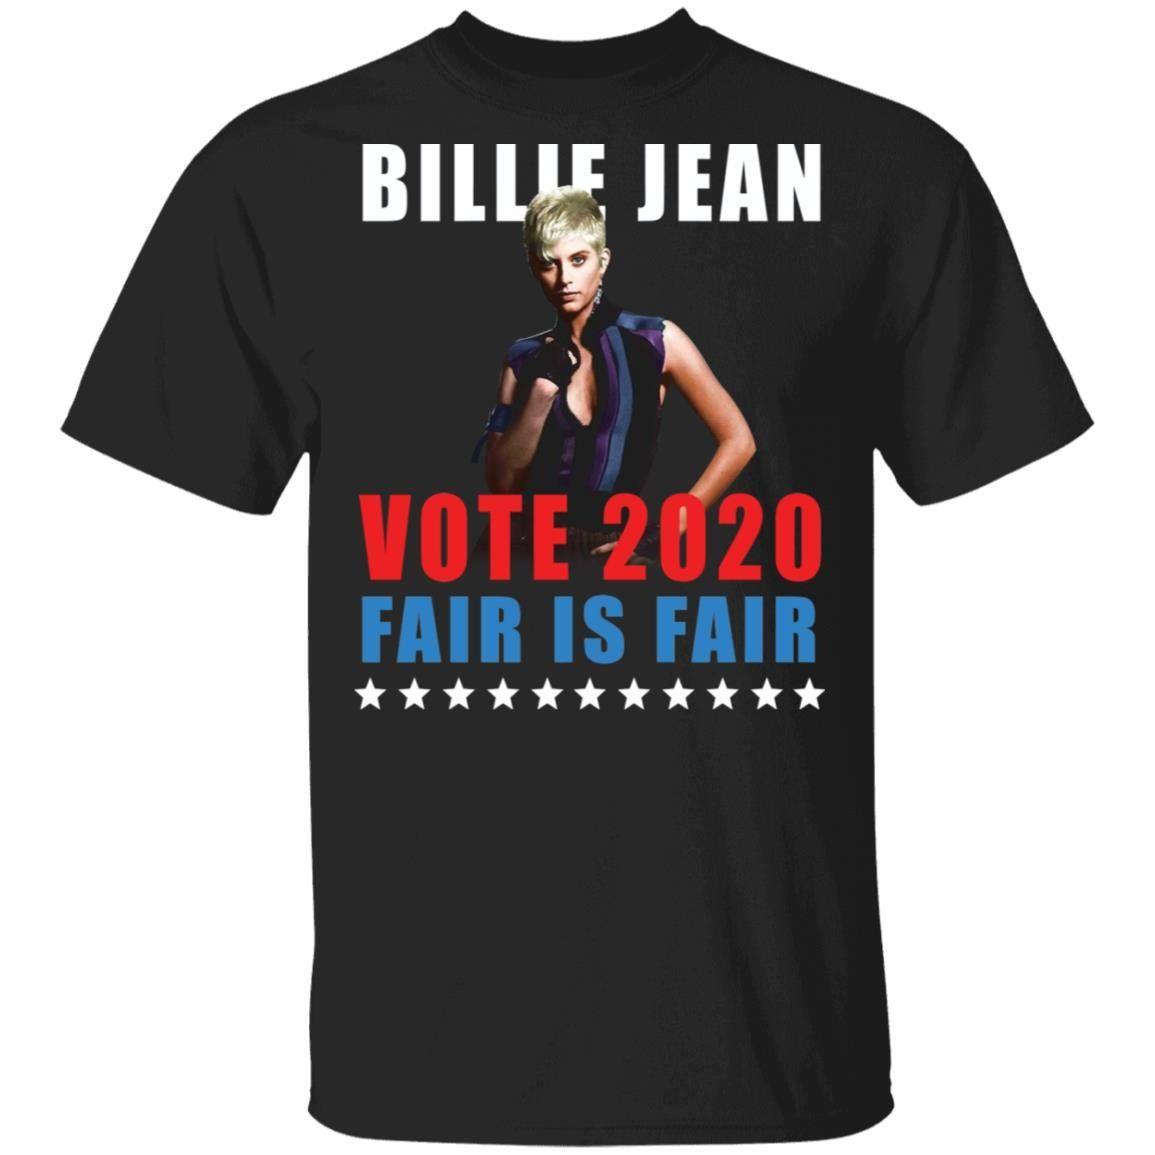 Billie Jean Vote 2020 Fair Is Fair Shirt